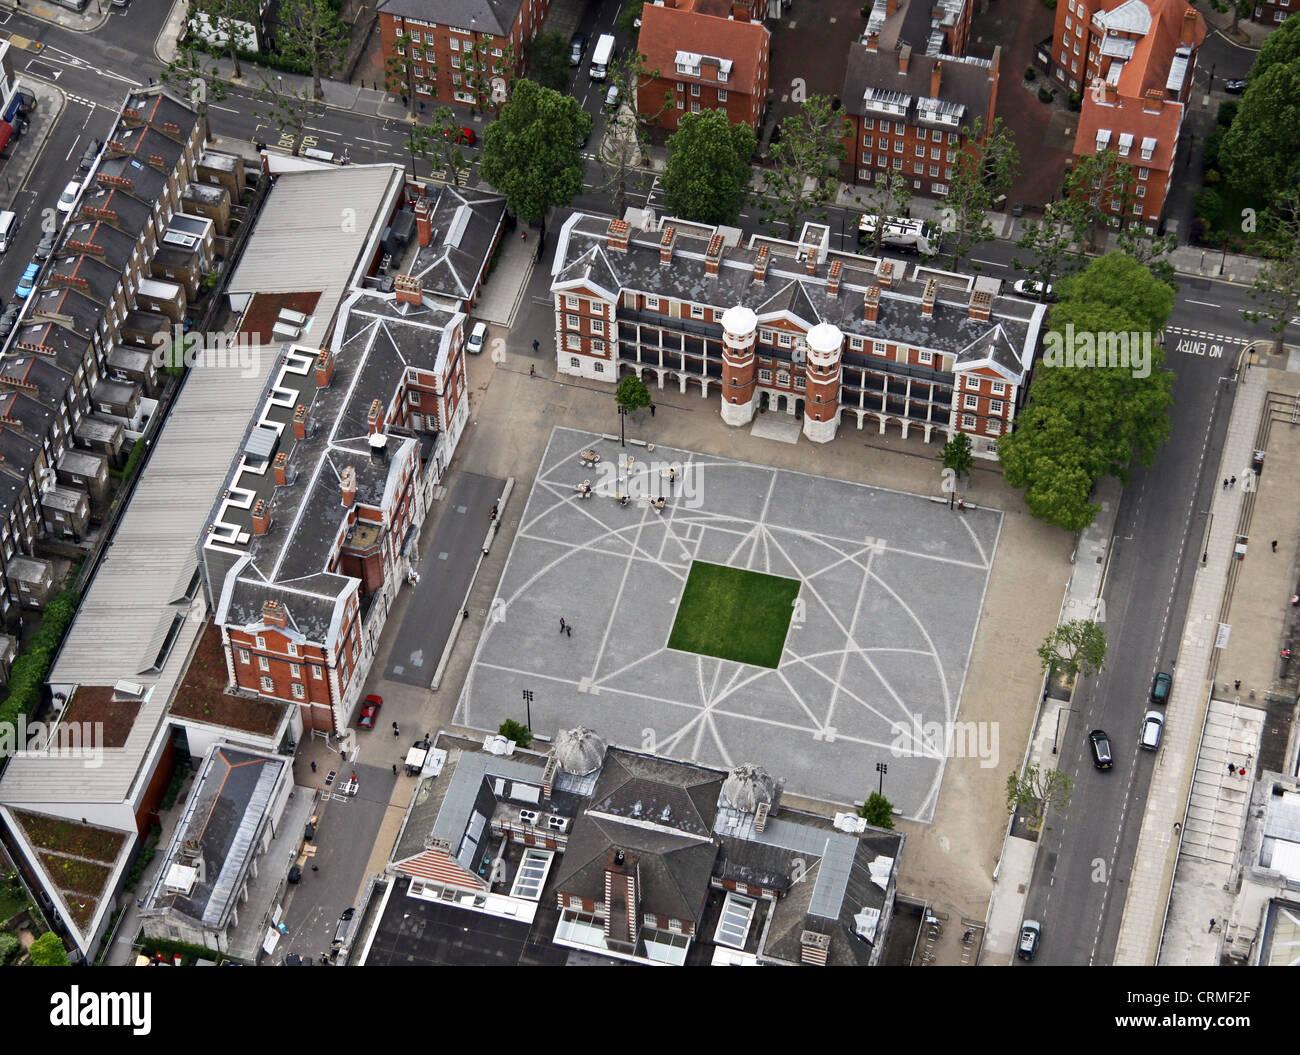 Vue aérienne de l'Art, Chelsea Collage de l'University of the Arts London Chelsea pour être précis Photo Stock